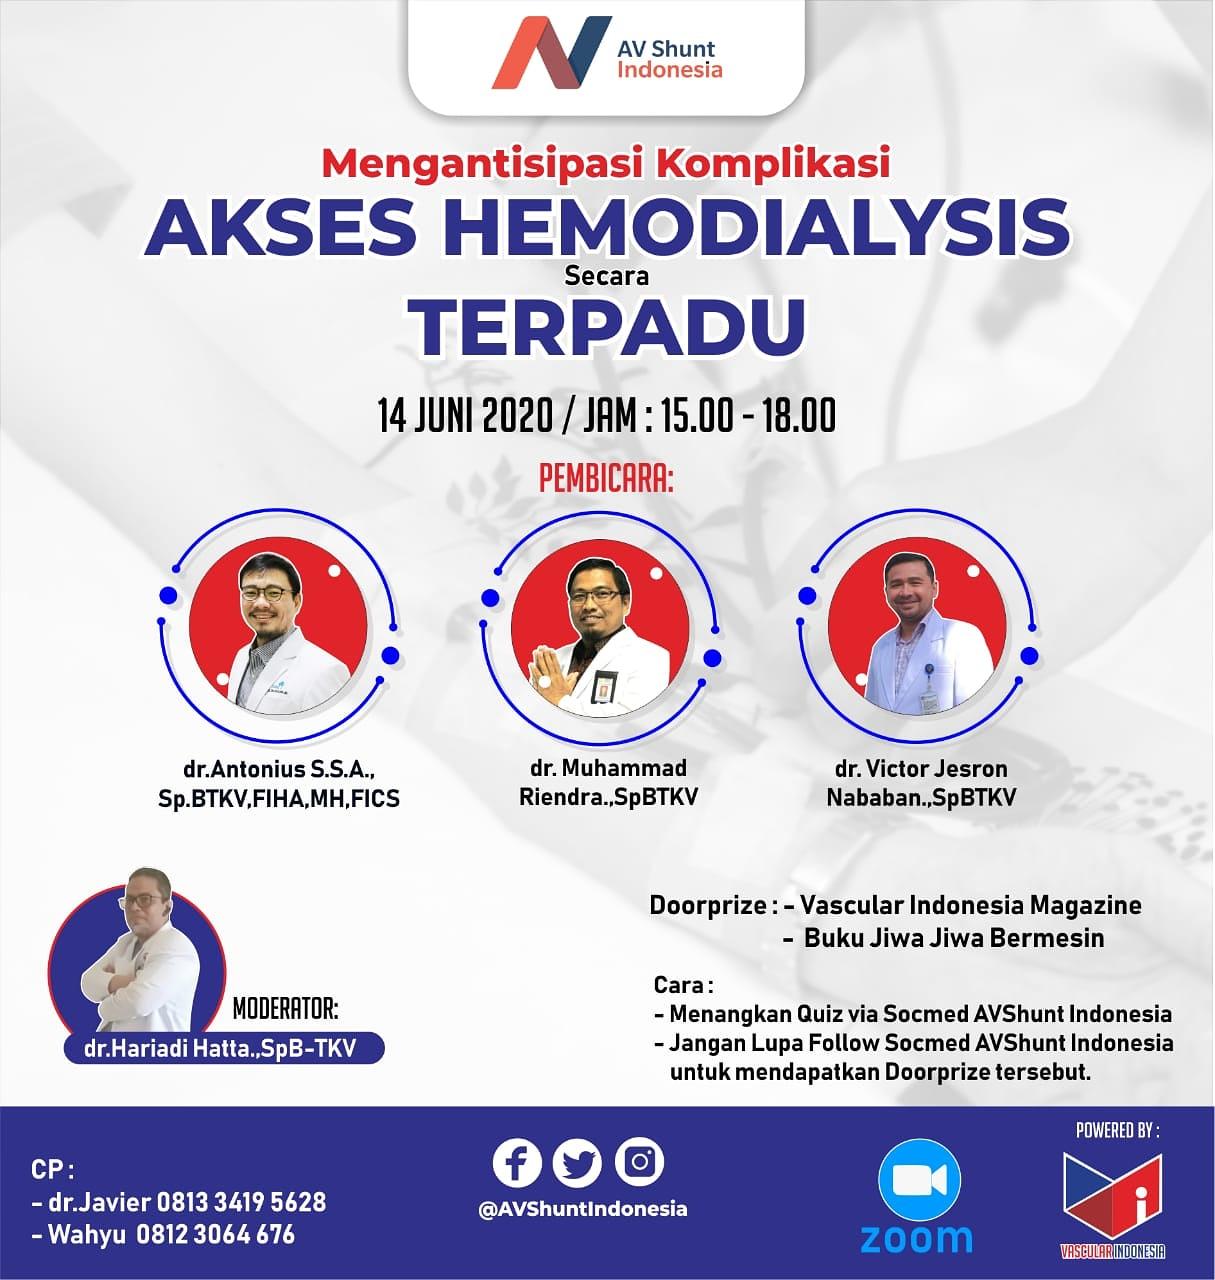 https://www.avshuntindonesia.com/images/blog/BLOG__mengantisipasi-komplikasi-akses-hemodialysis-secara-terpadu-__20200922063156.jpg